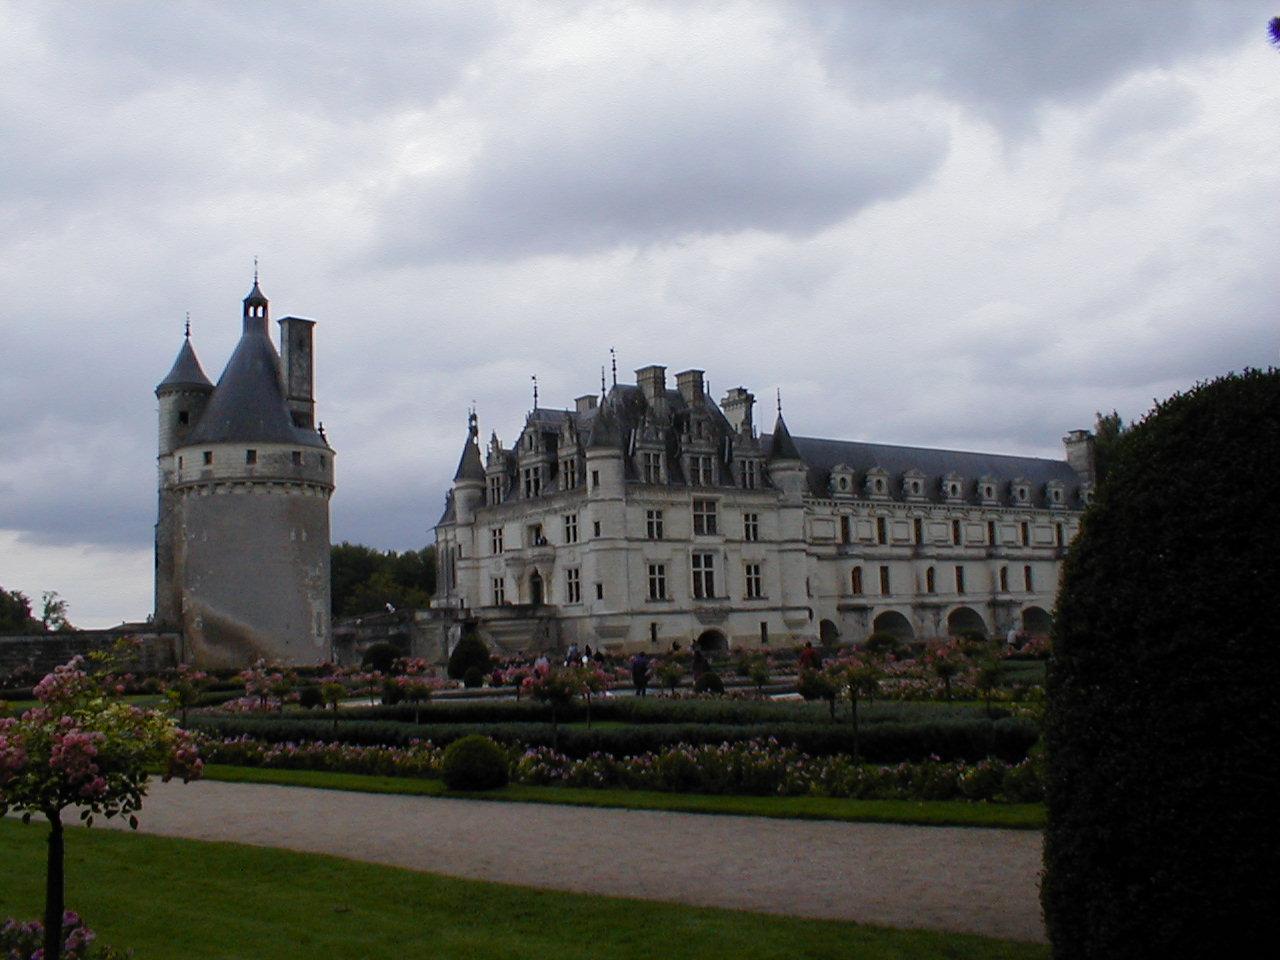 シュノンソー城の画像 p1_31